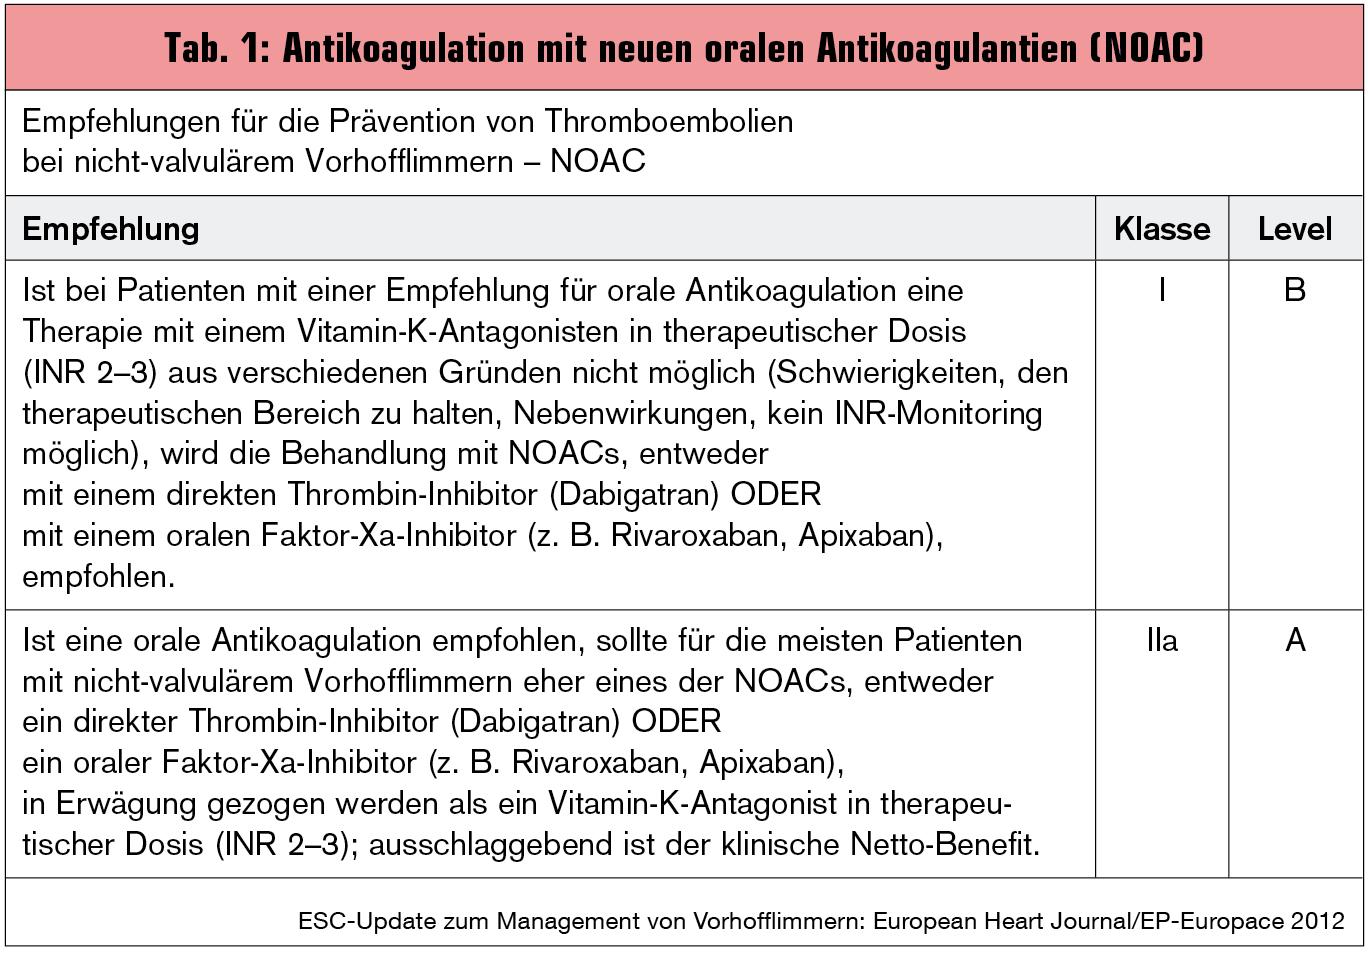 nicht orale antikoagulation